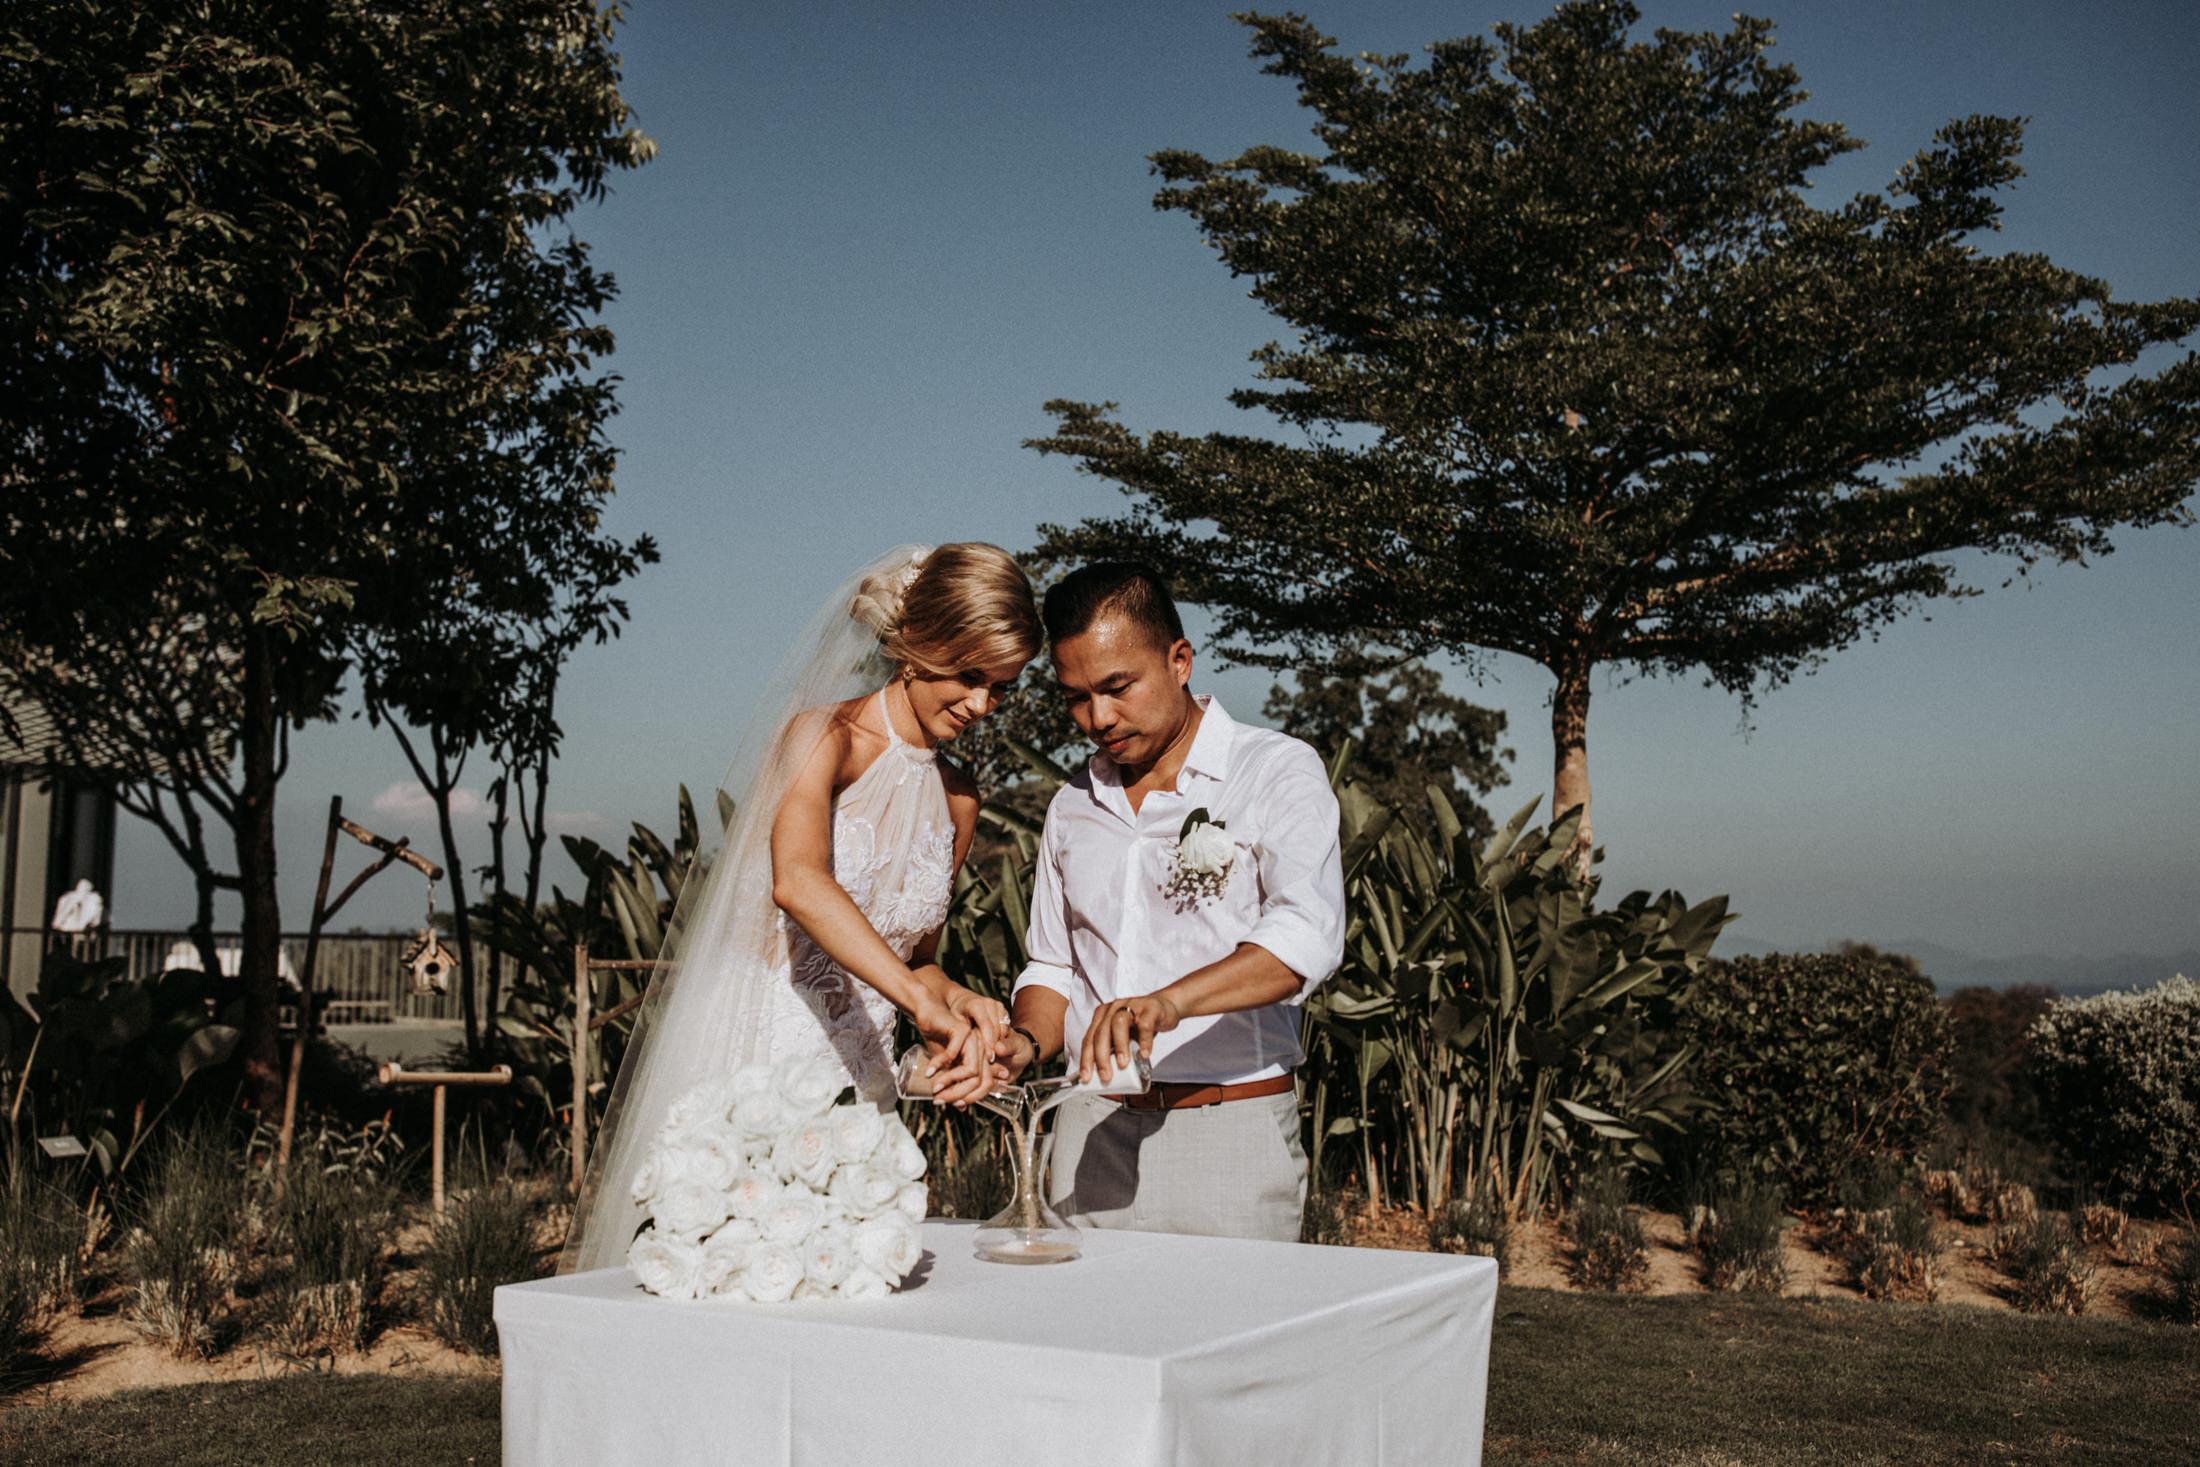 DanielaMarquardt_Wedding_Thailand_255